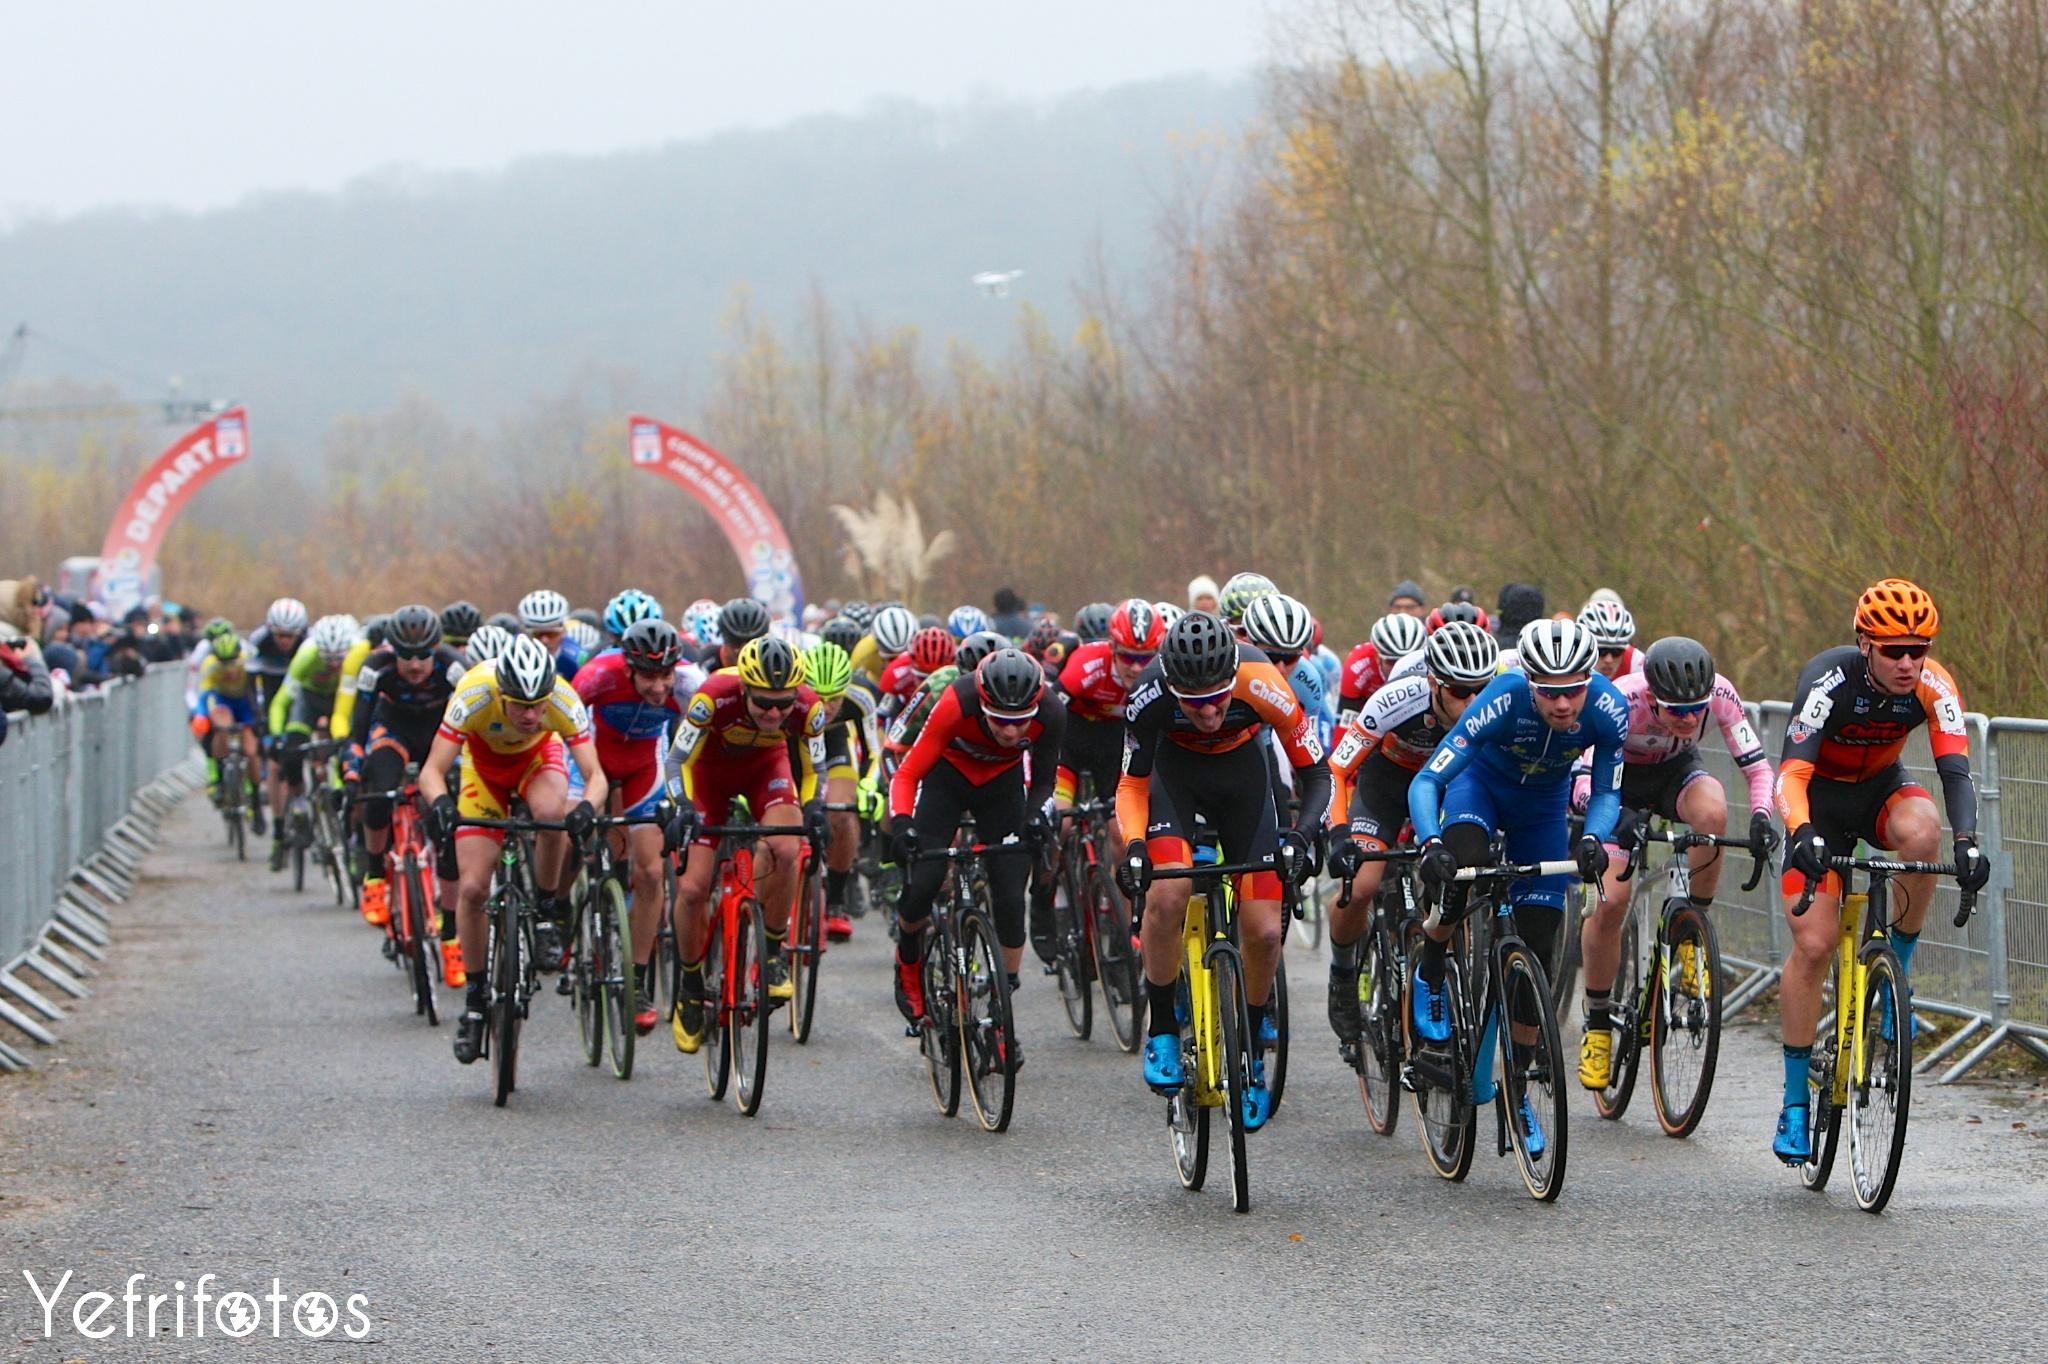 Départ Espoir - Jablines Coupe de France - Coupe de France Cyclocross Jablines